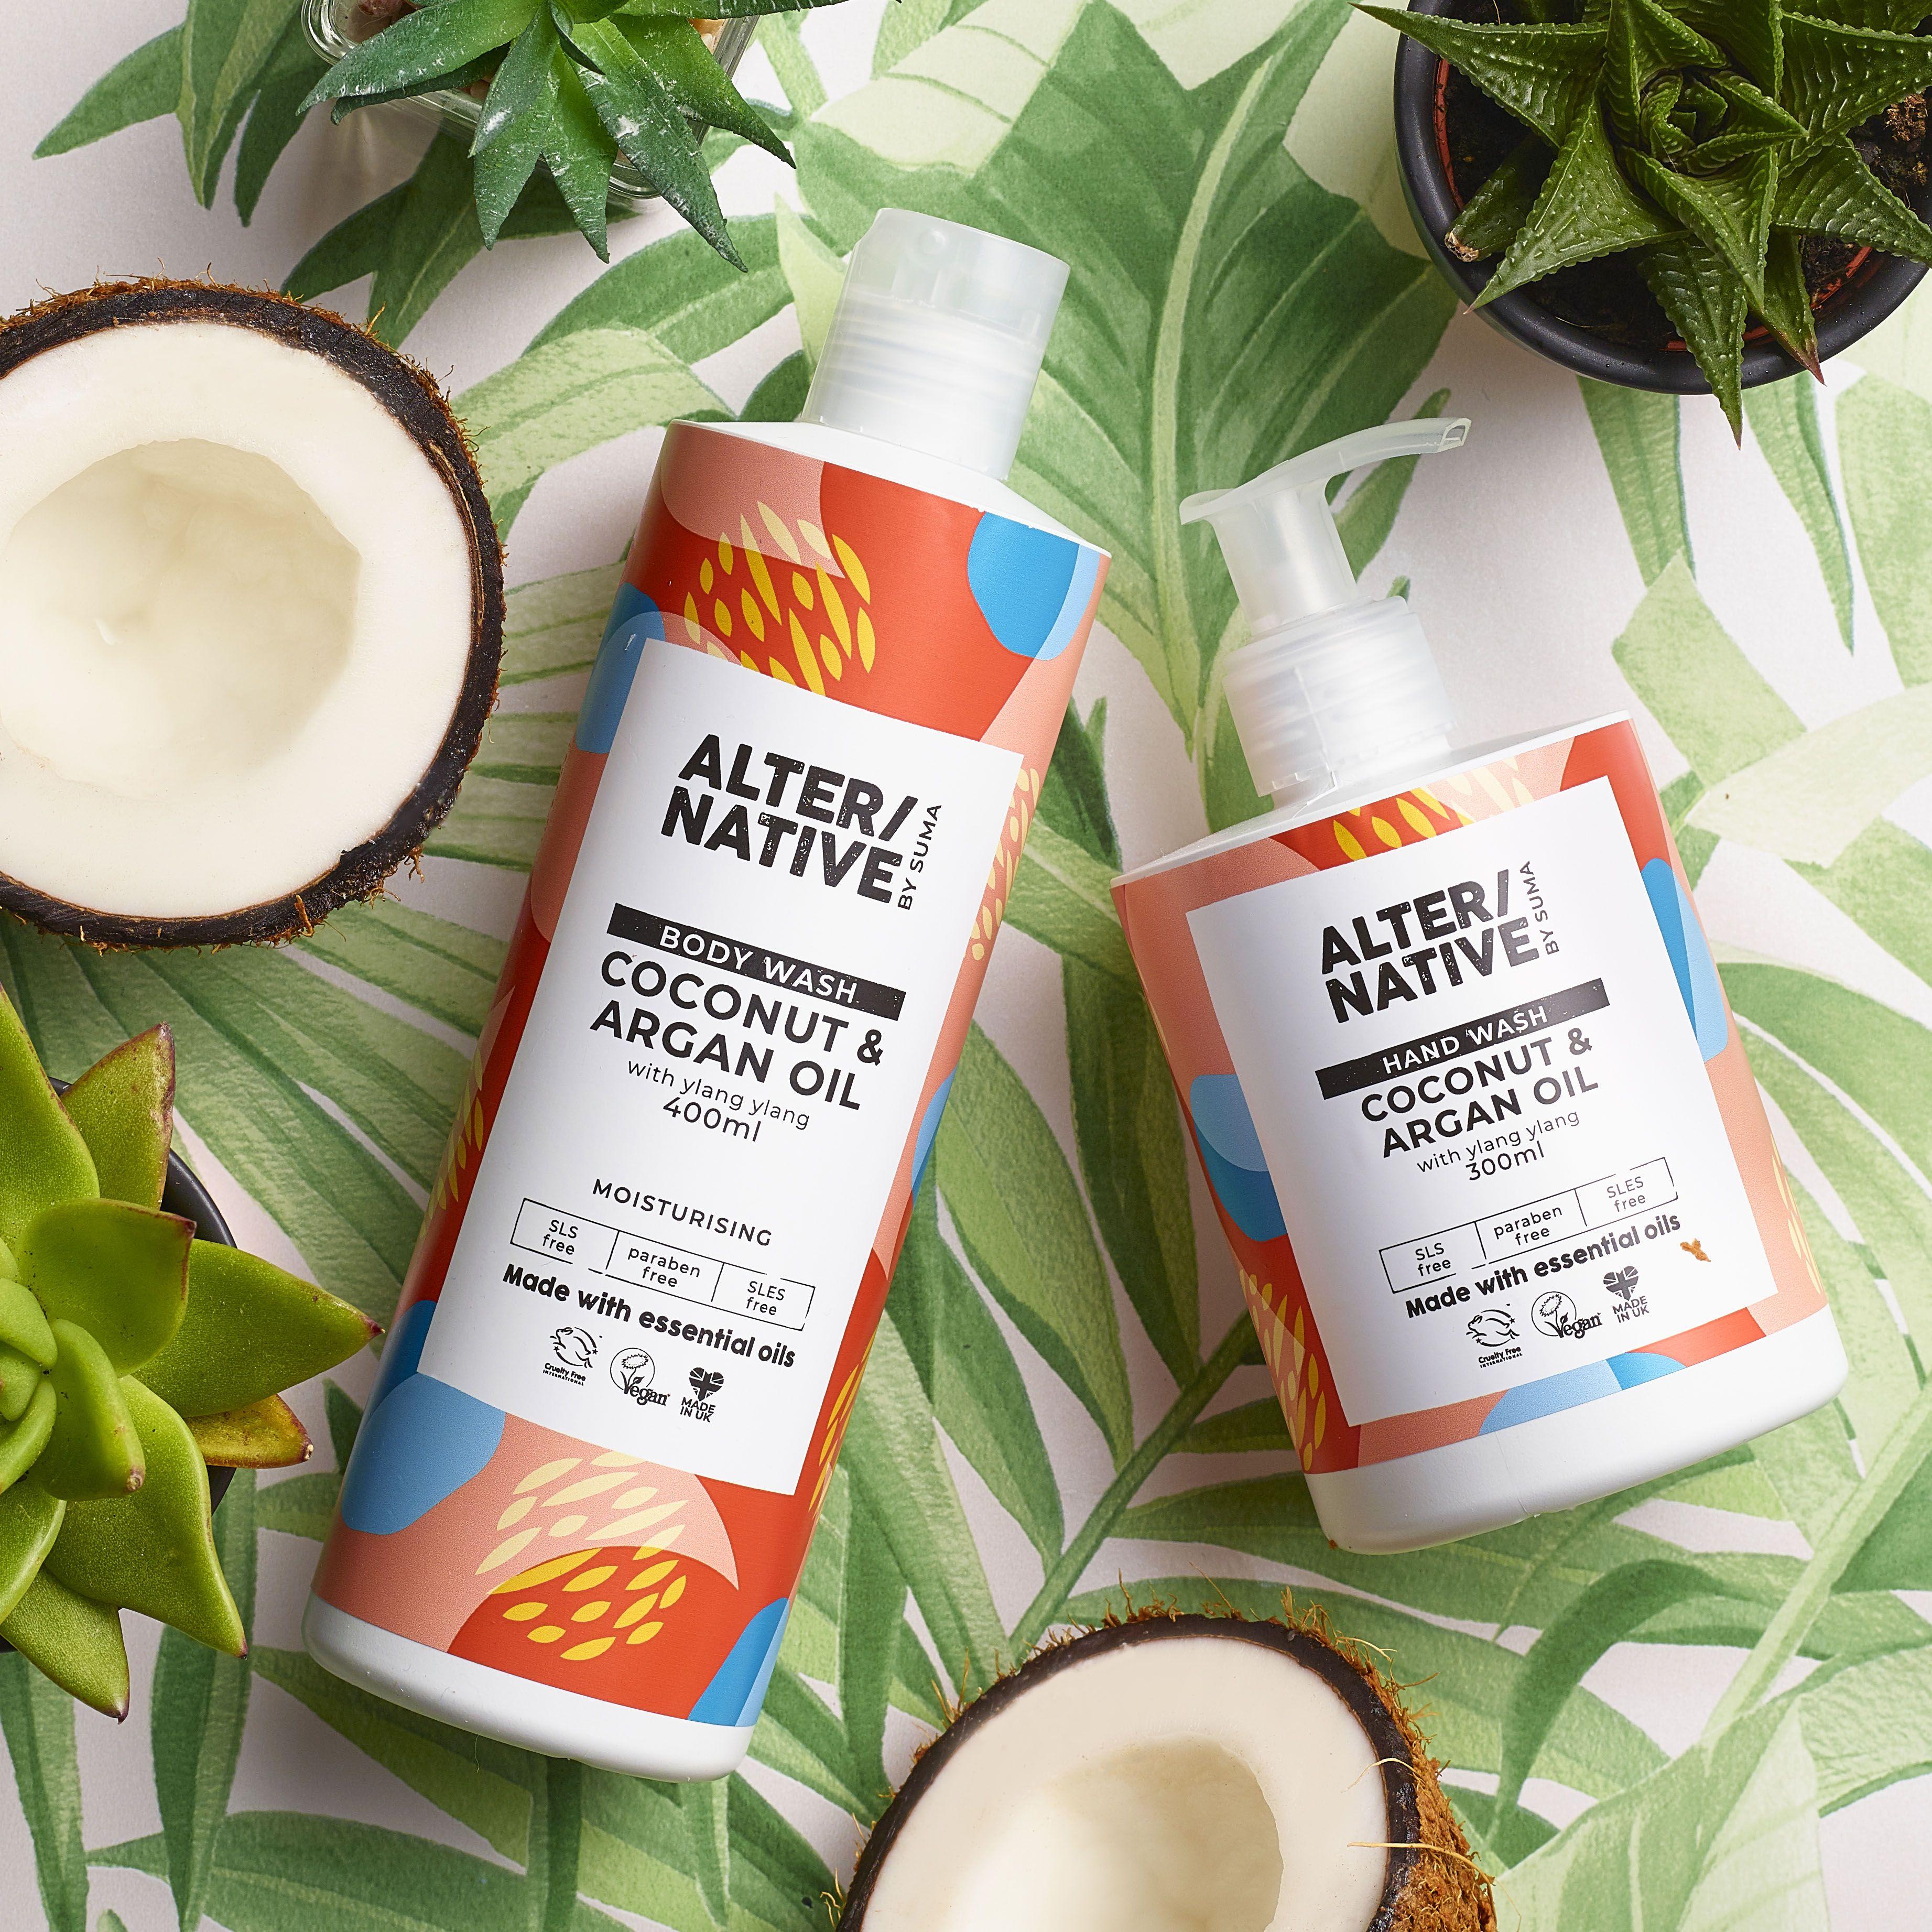 Coconut Argan Oil Oil Body Wash Free Essential Oils Argan Oil Body Wash